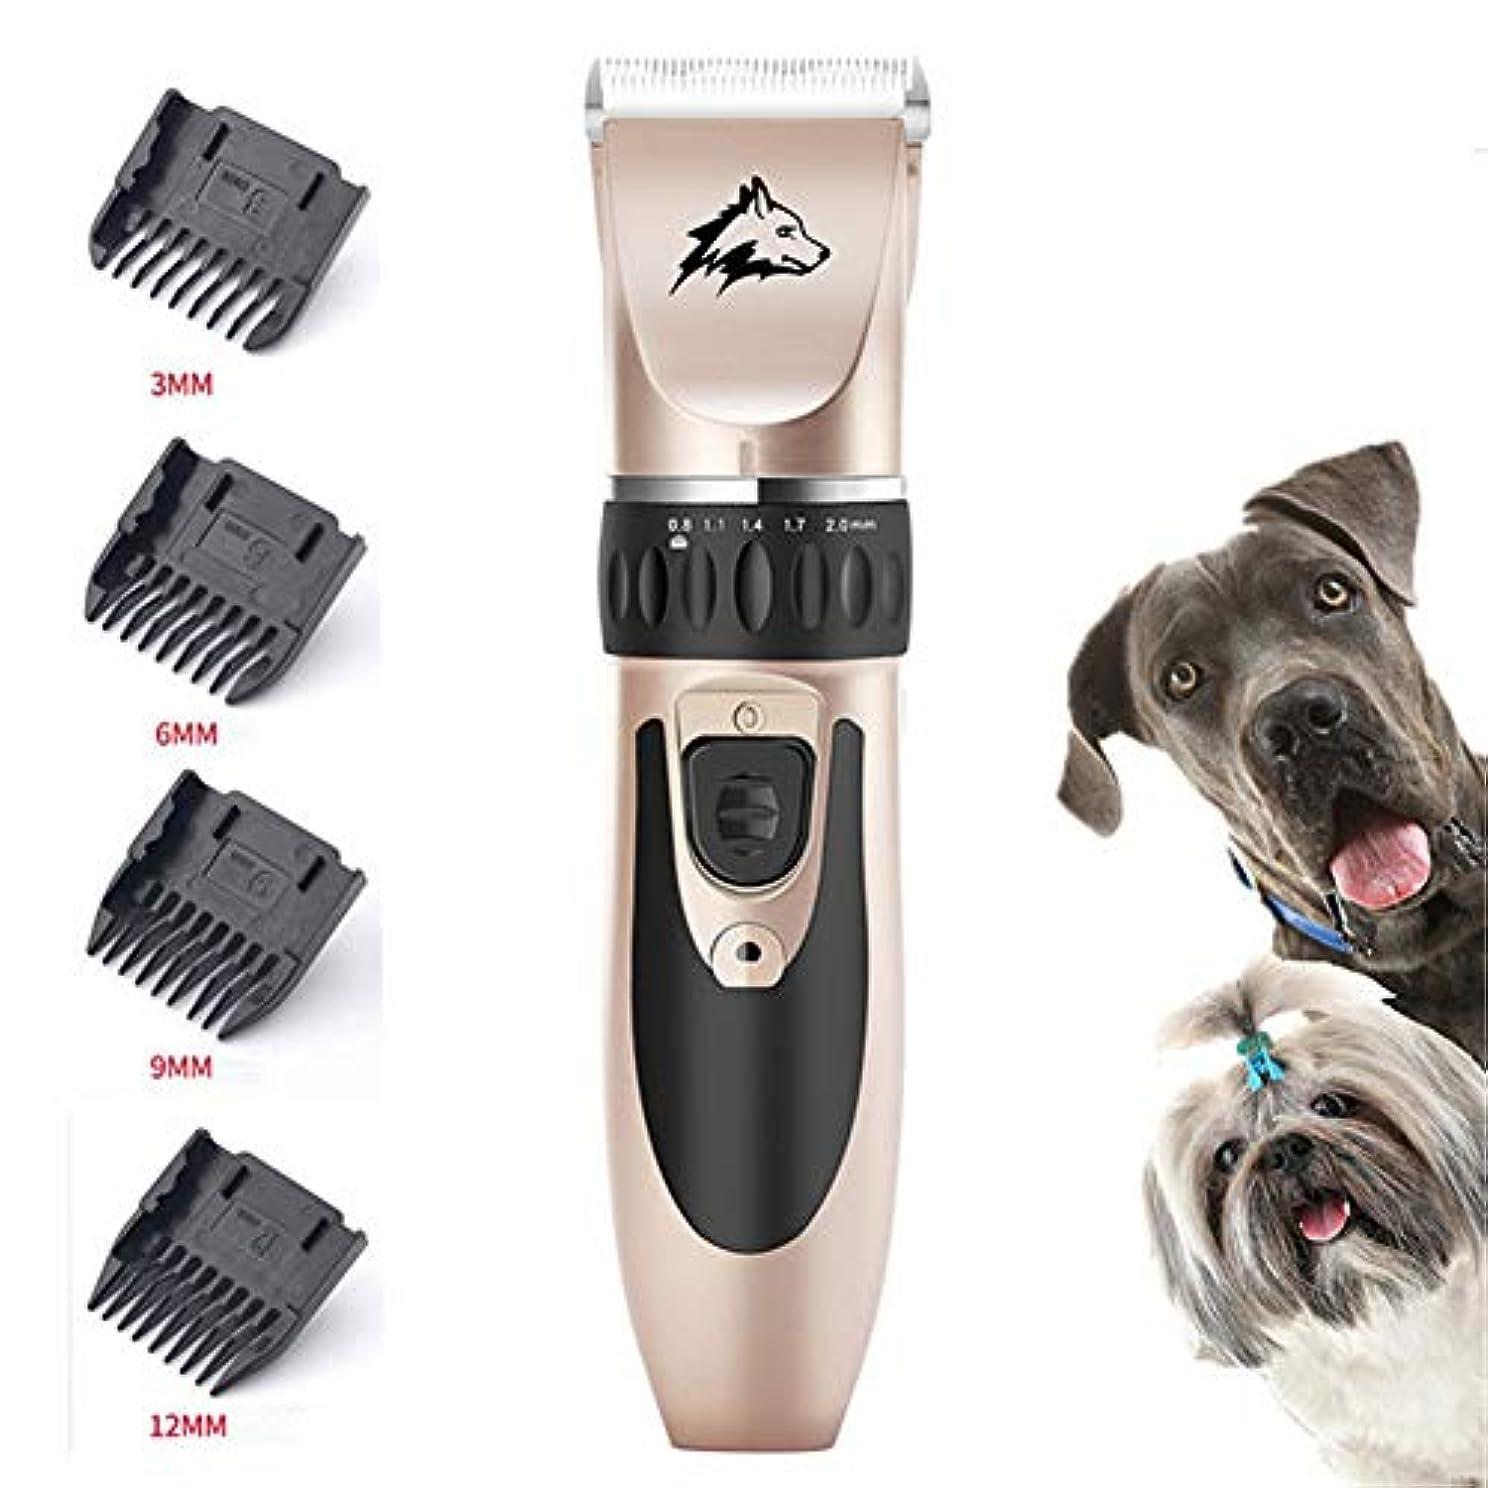 見出しカレッジ結核犬猫バリカンペットヘアトリマーはさみグルーミングusb充電プロフェッショナル電気シェービングカット機